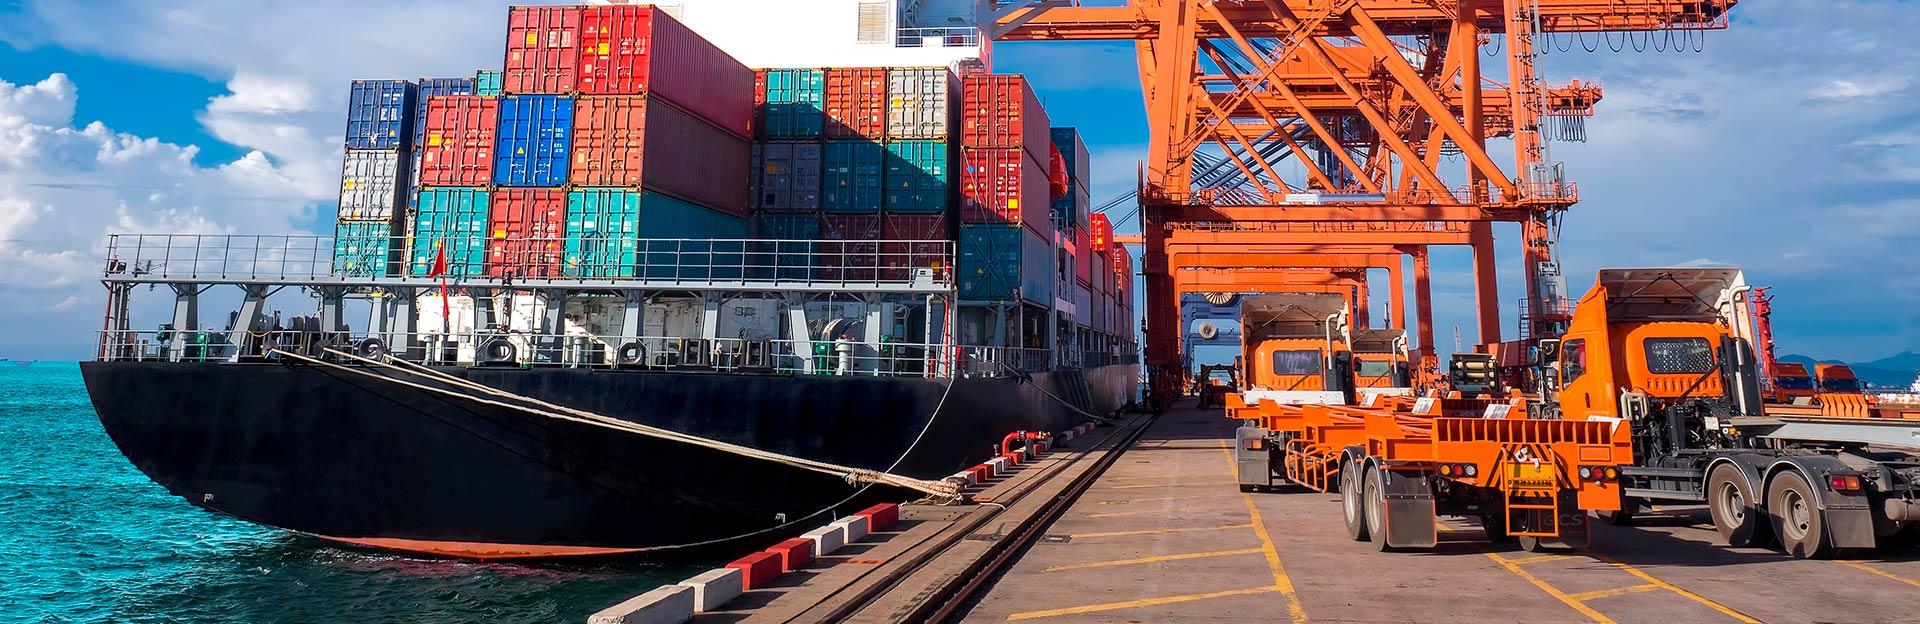 oni import export portfolio